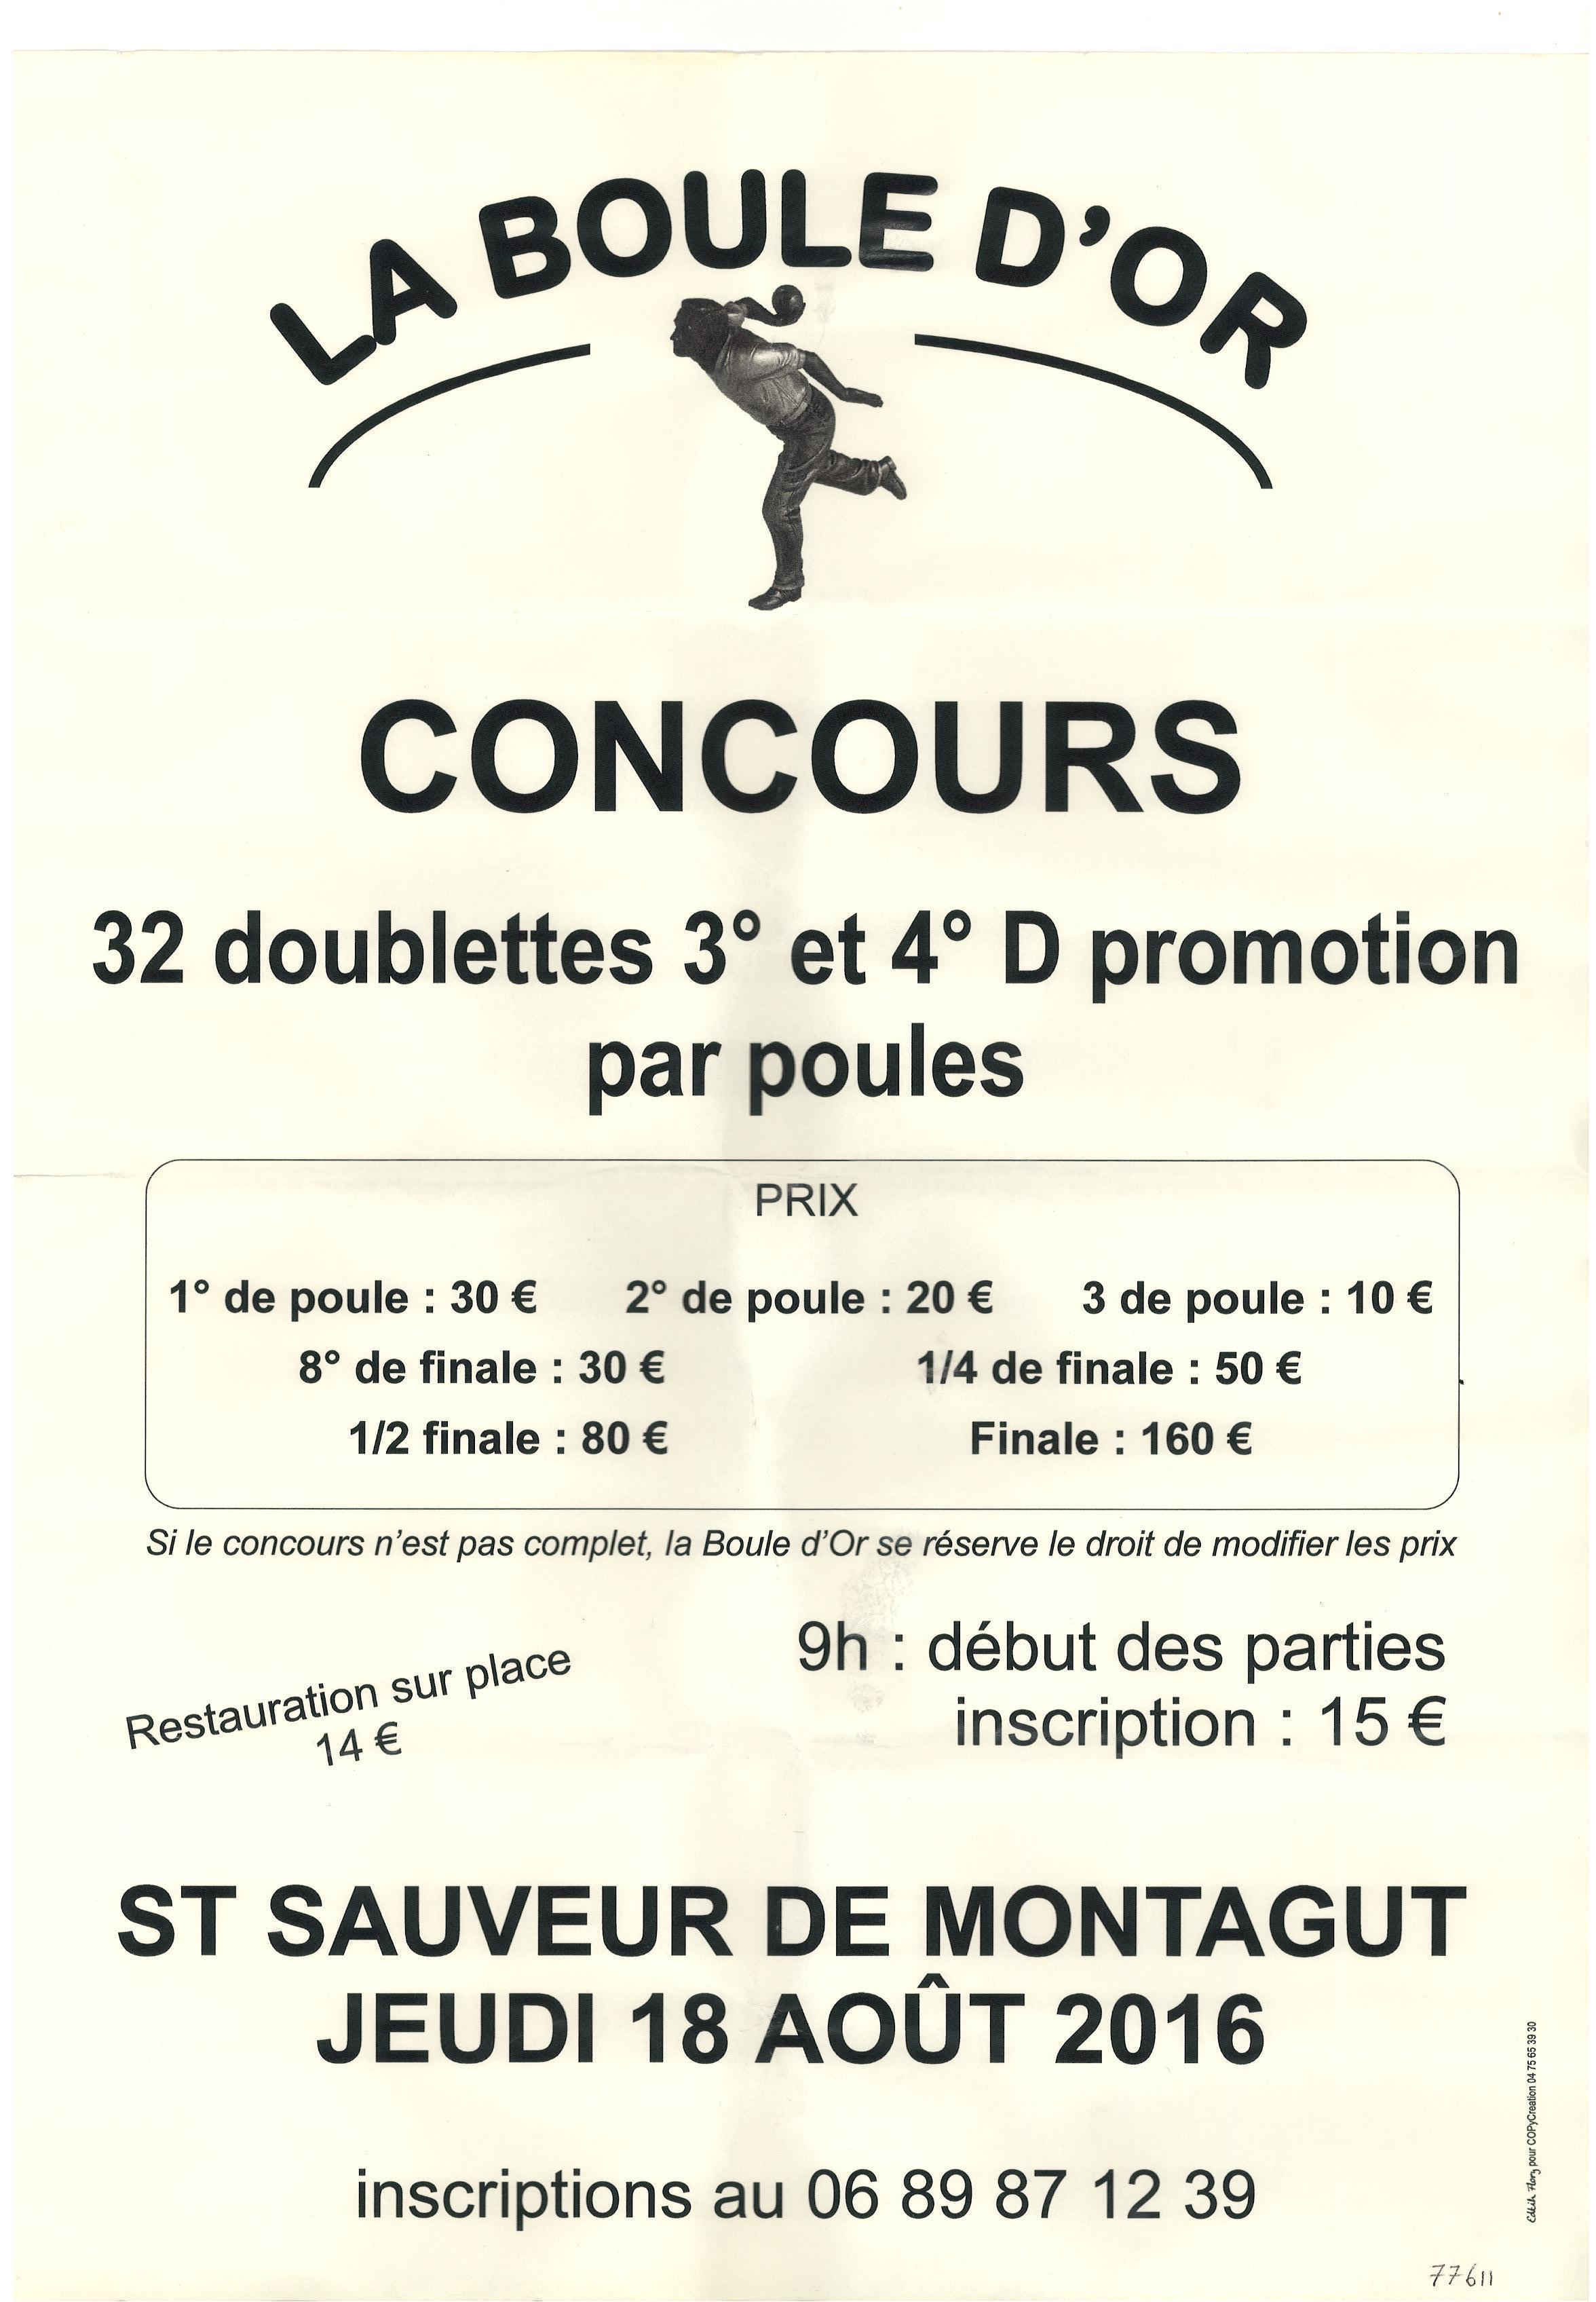 Inscrivez-vous à Saint Sauveur de Montagut